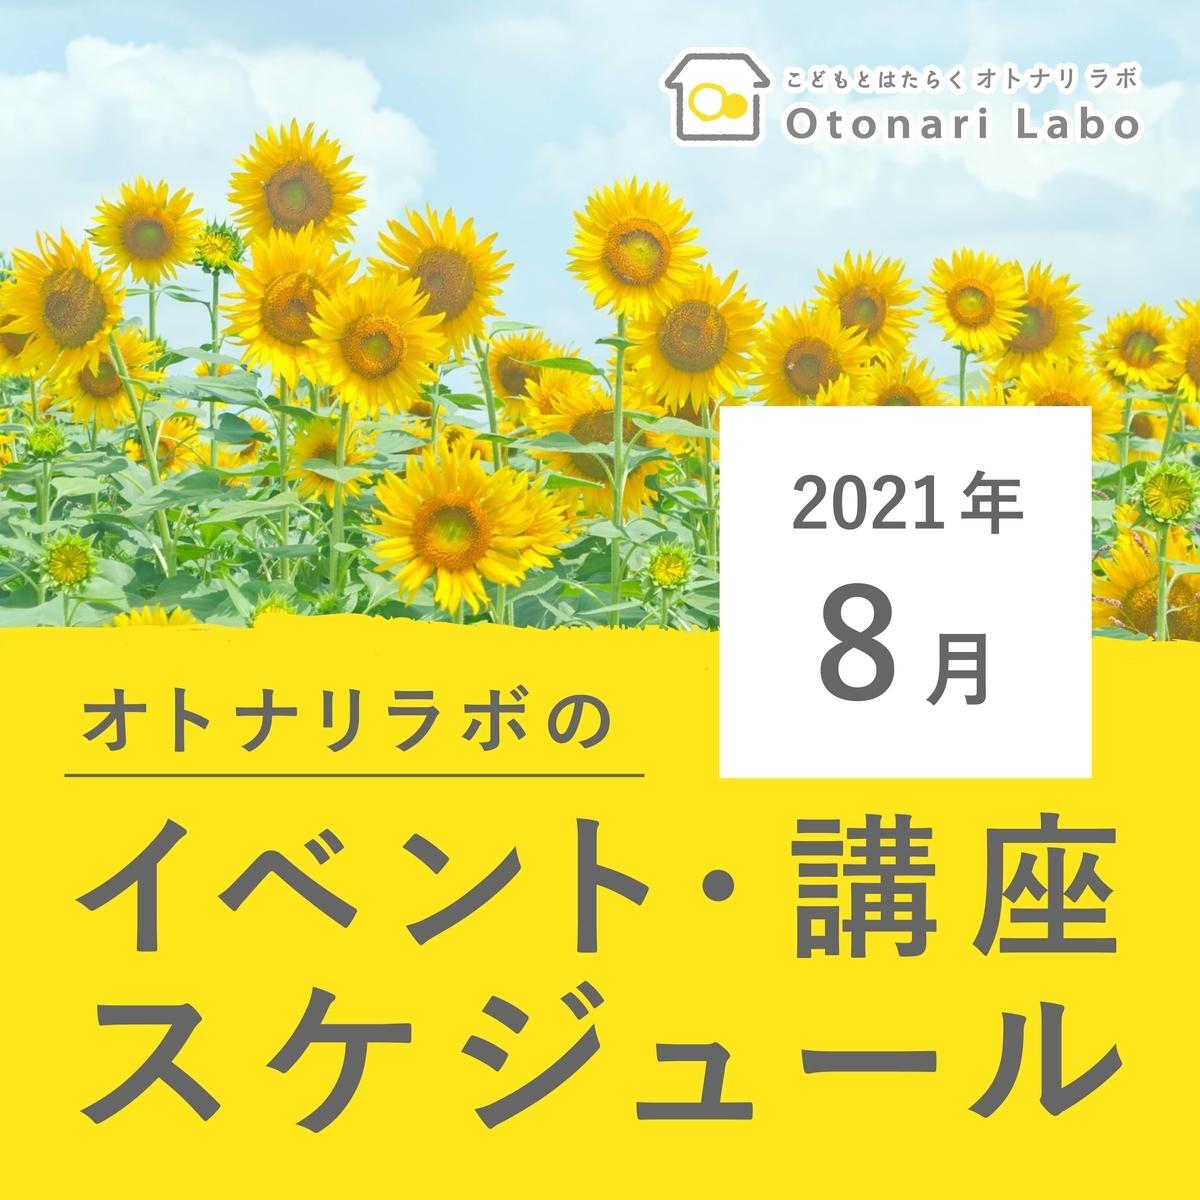 f:id:otonari-labo:20210608114745j:plain